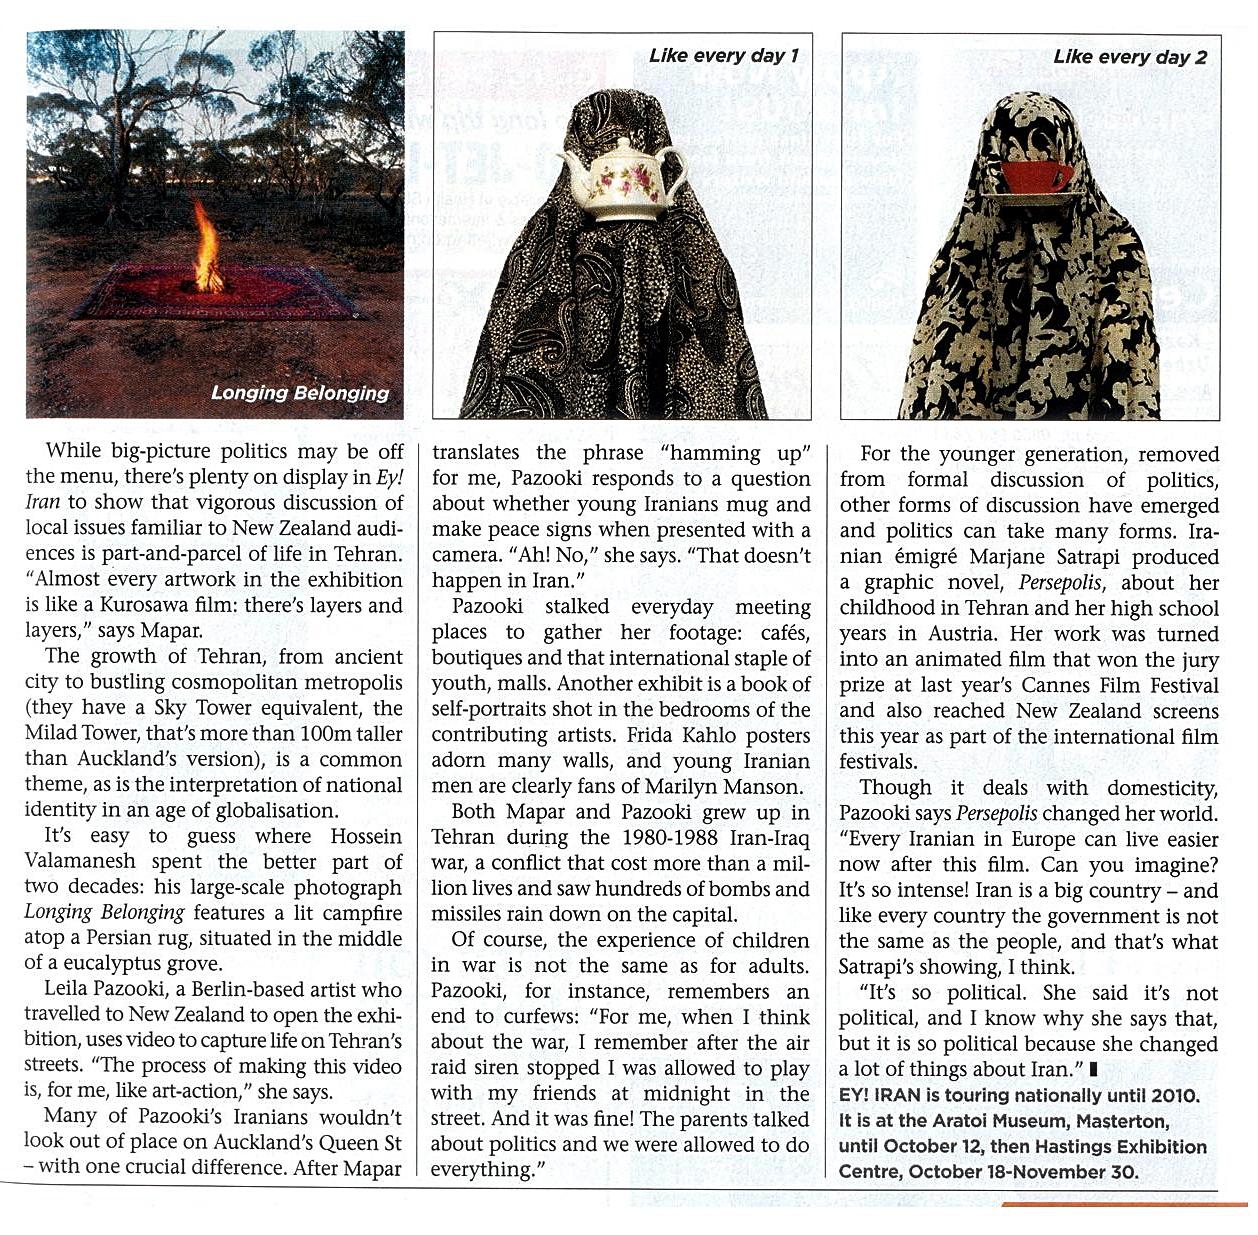 Eye on Iran article written by Matt Nippert for the New Zealand Listener